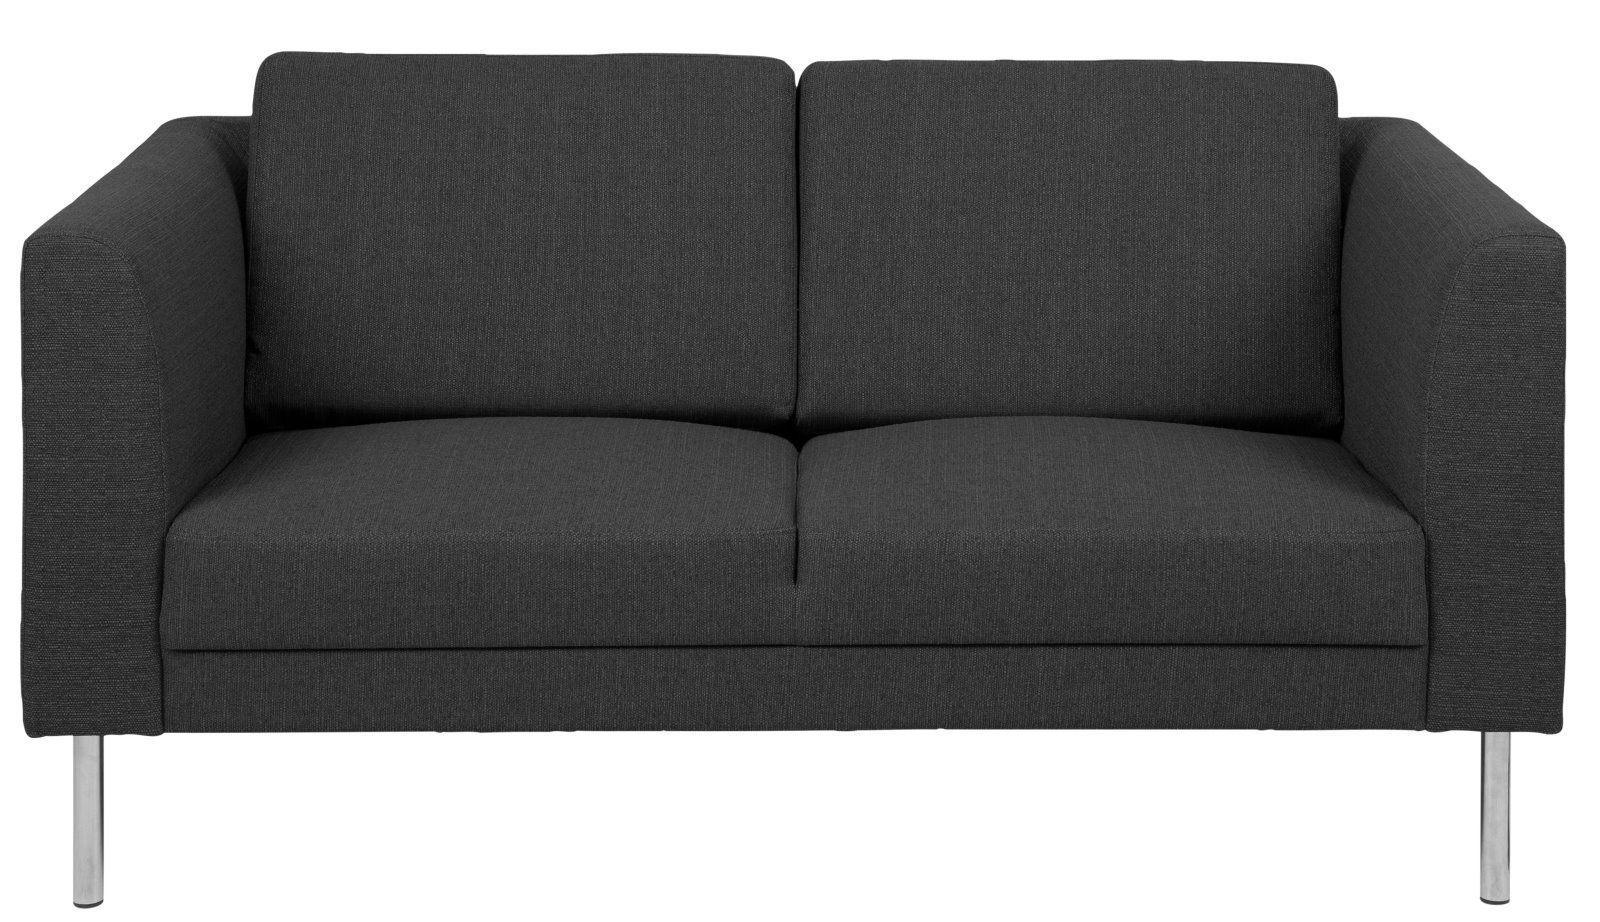 Full Size of Sofa Zweisitzer 5801a0c6b65ec Spannbezug Langes 2 5 Sitzer Abnehmbarer Bezug Verkaufen Günstige Kissen Franz Fertig Landhausstil Kunstleder Weiß Angebote Sofa Sofa Zweisitzer